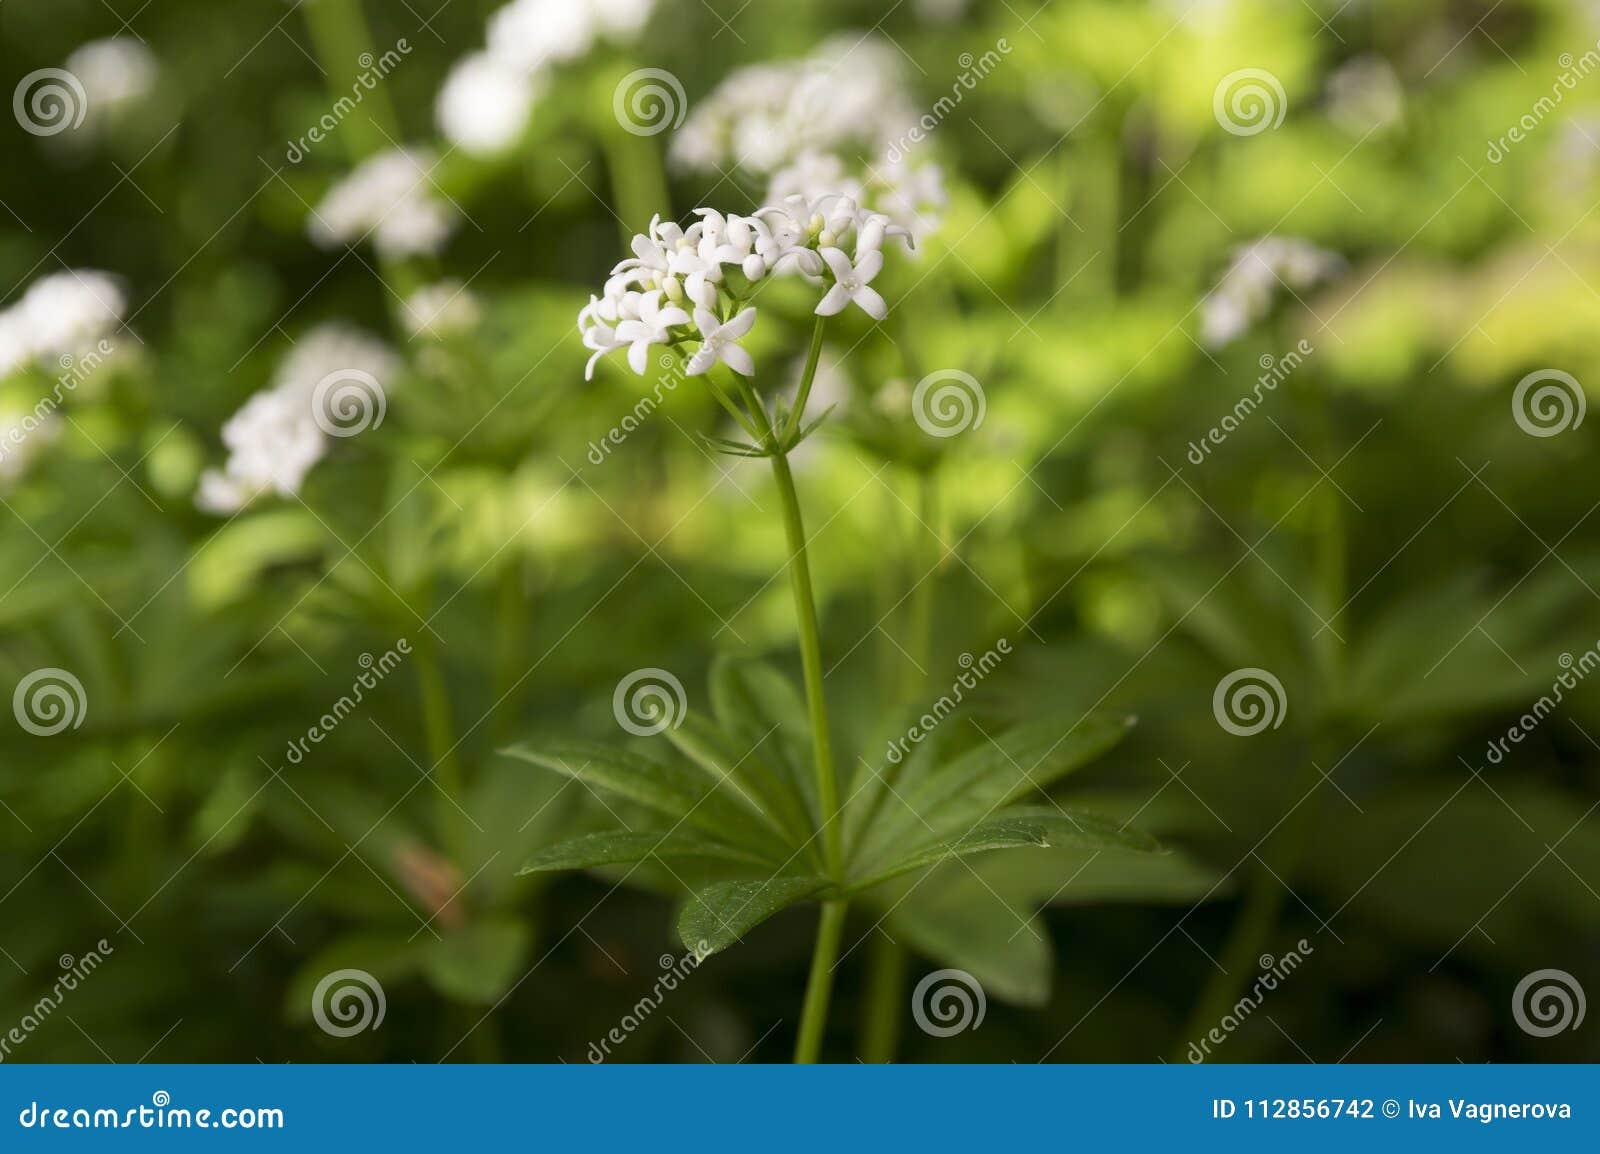 Galium Odoratum White Wildflower In Bloom Stock Photo Image Of